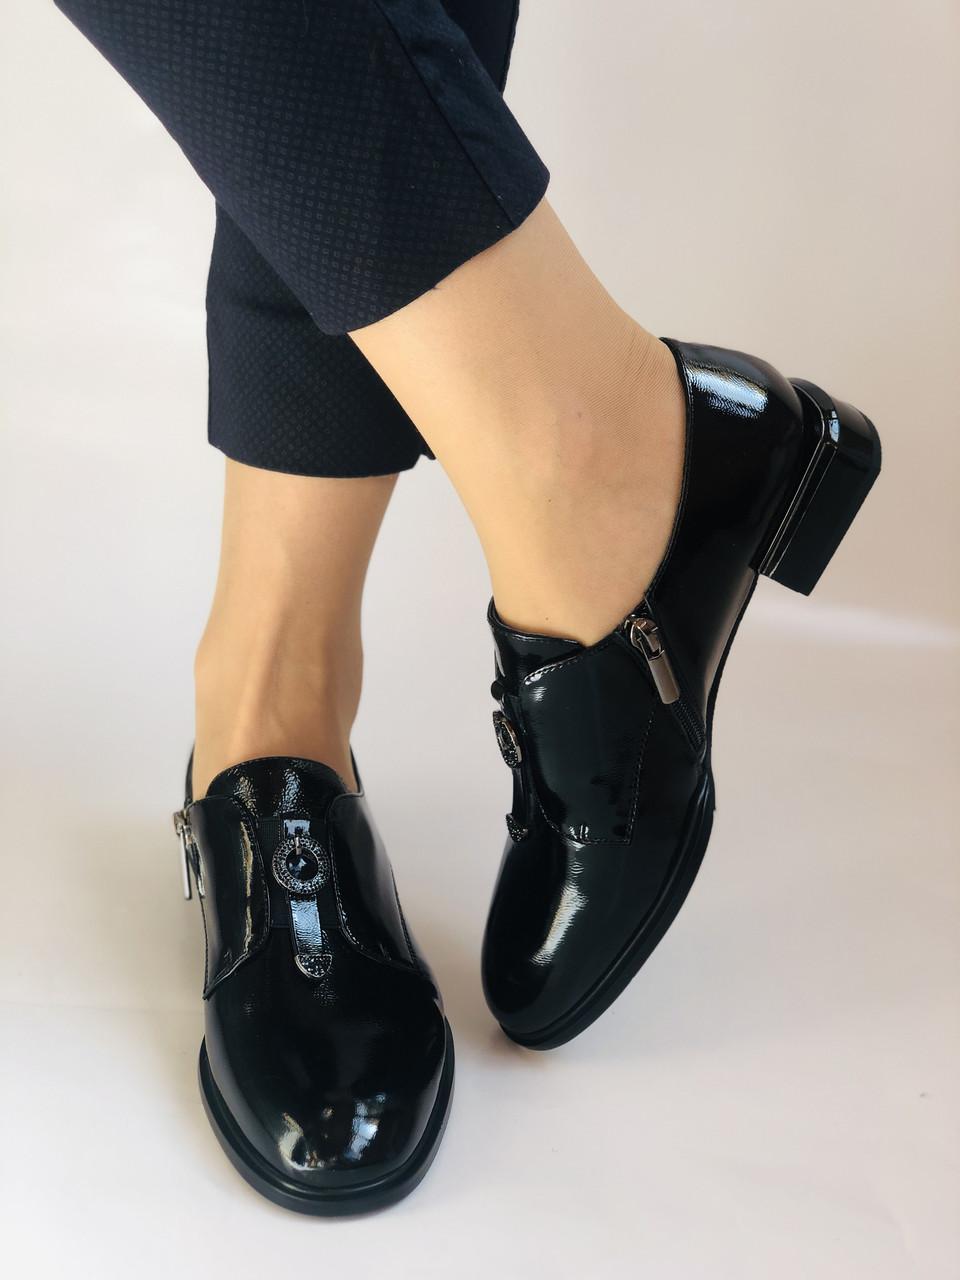 Стильні жіночі туфлі. Висока якість. Натуральна лакована шкіра. Невисокий каблук. Molka 35. 38.40